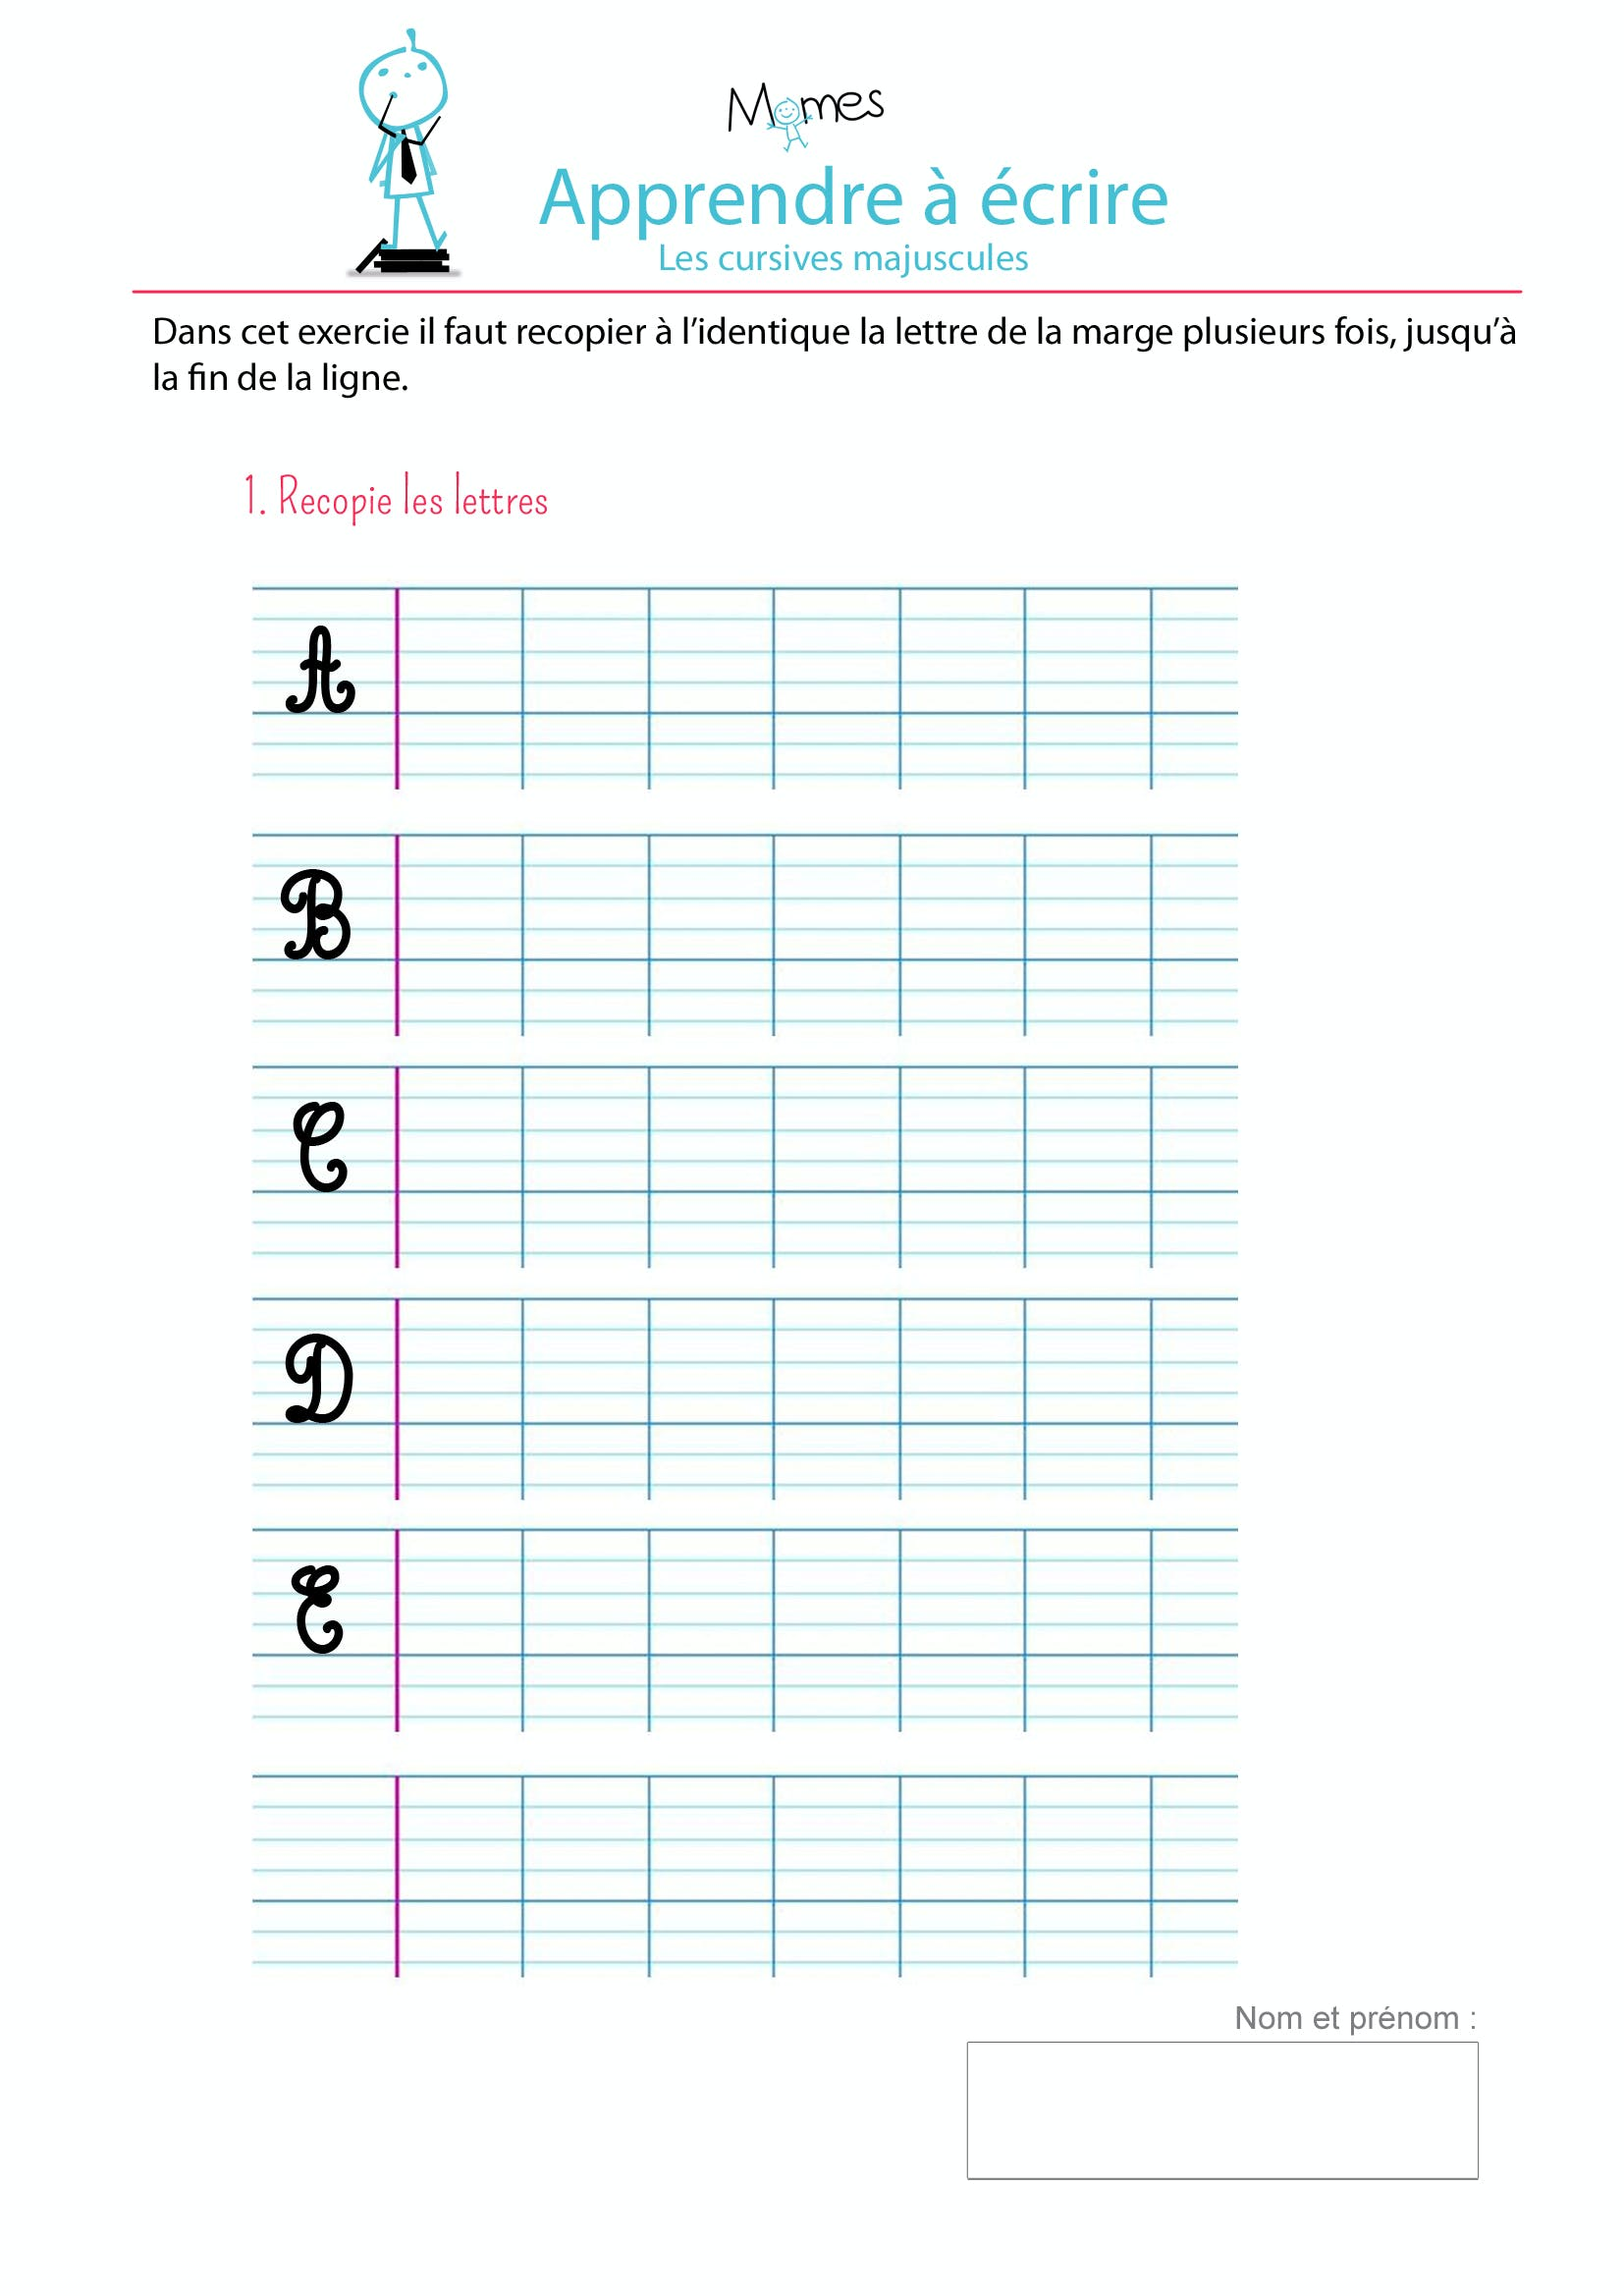 Apprendre crire les cursives majuscules a b c d e - Lettre de l alphabet en majuscule a imprimer ...